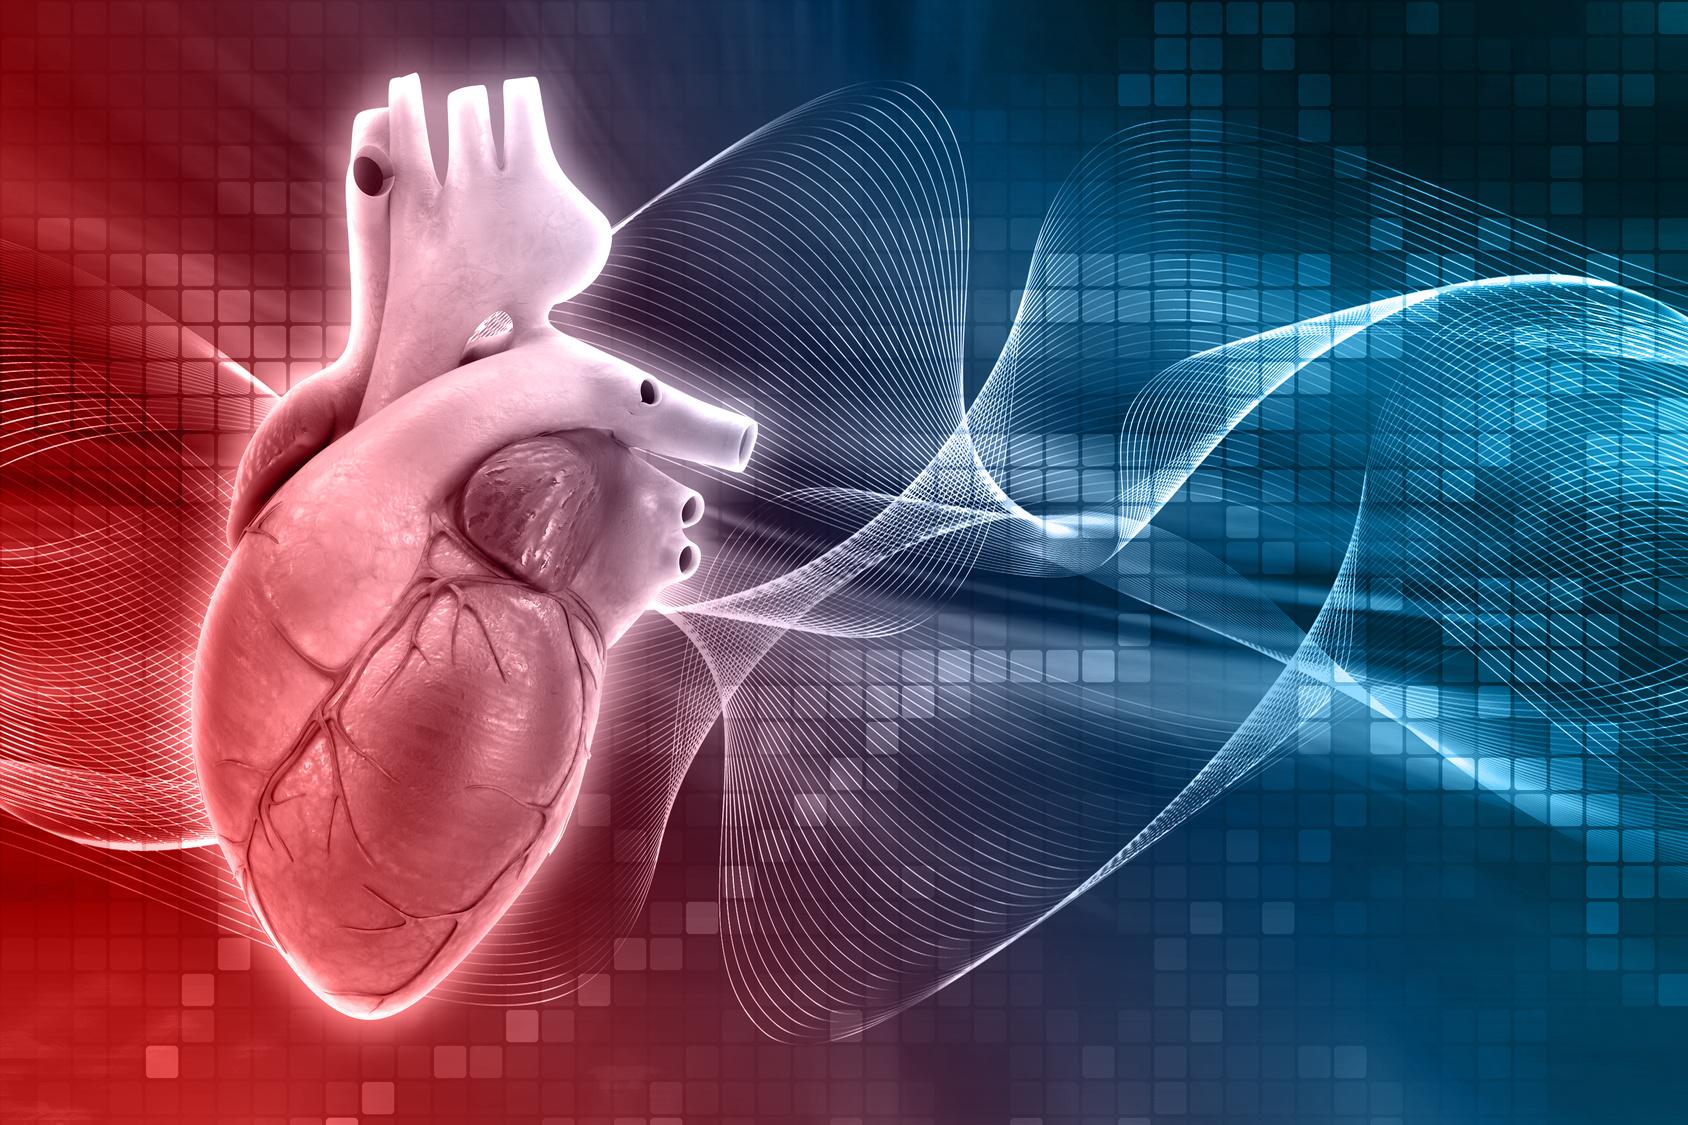 名医が行うと胸腹部大動脈手術後の死亡リスクは半分になる